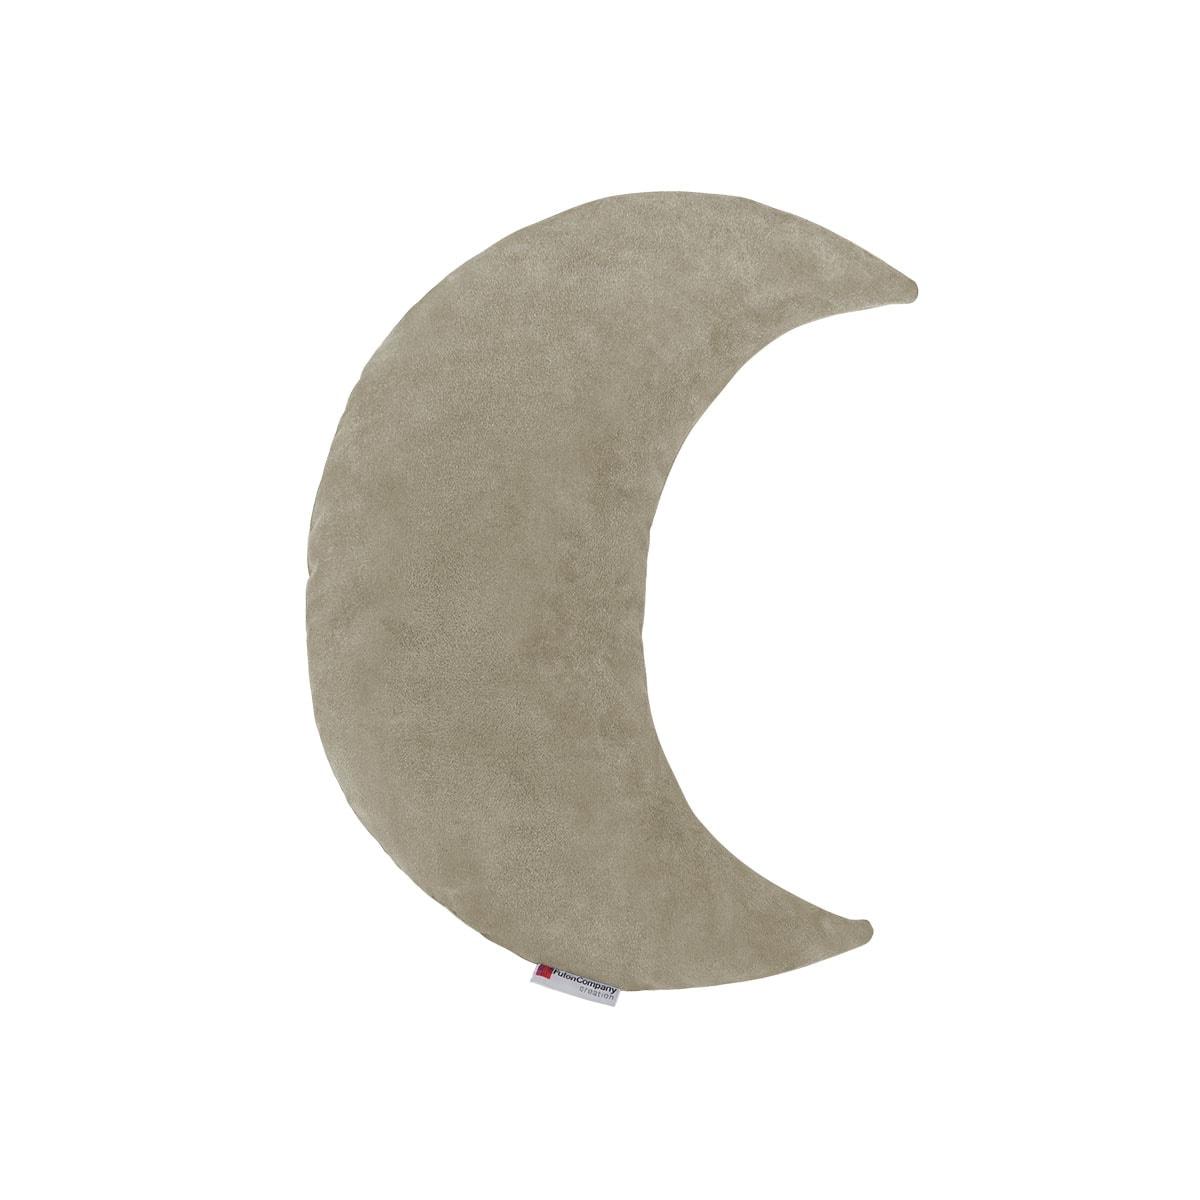 Lua Suede